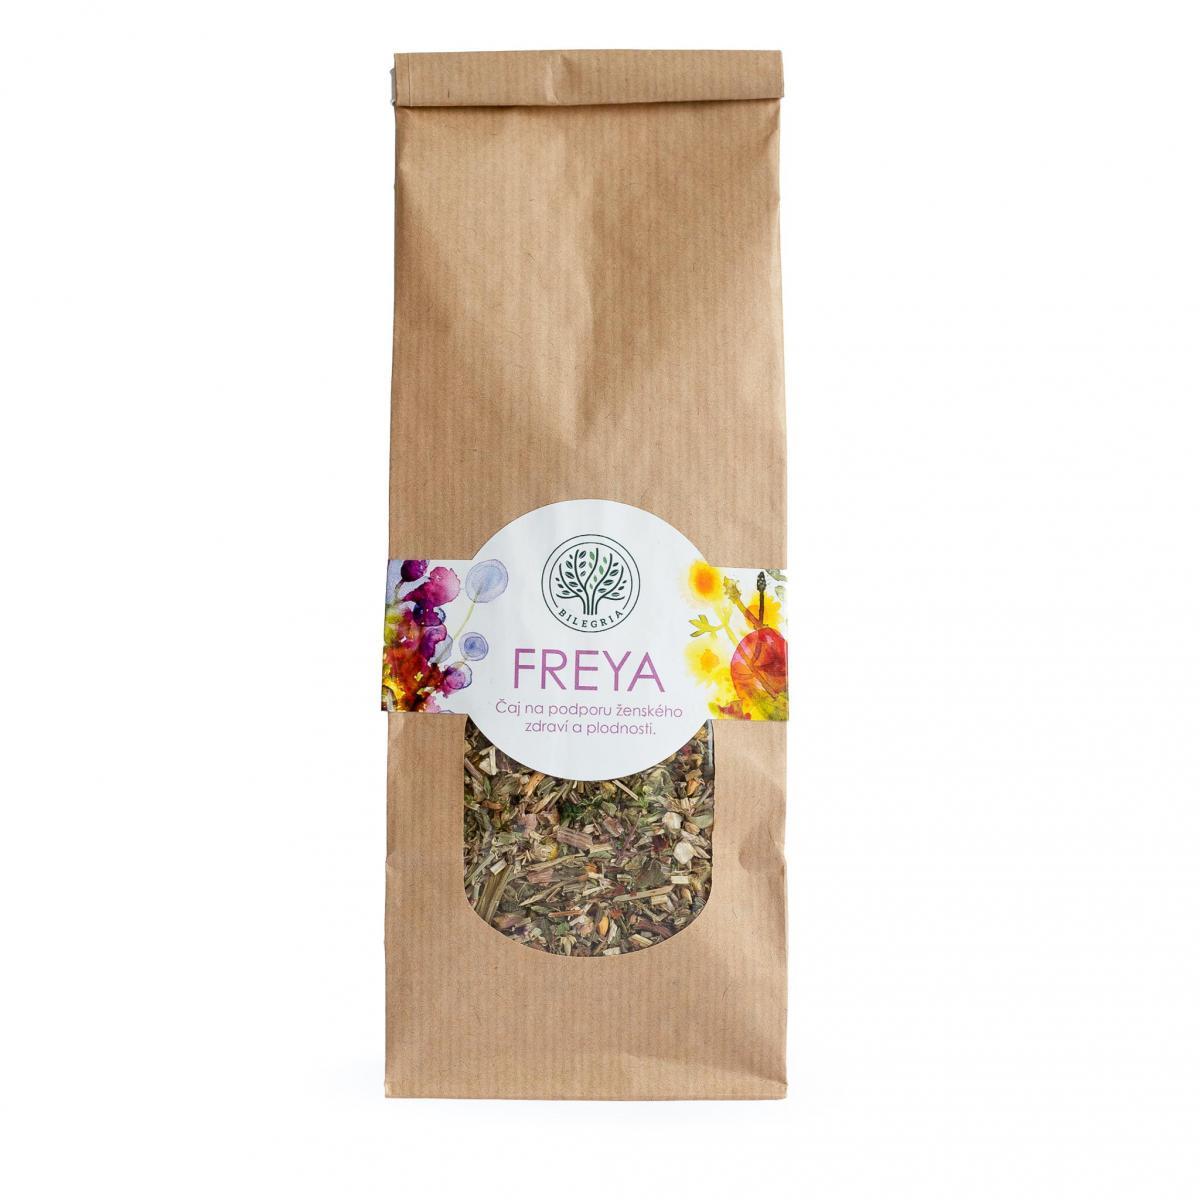 Bilegria FREYA - bylinná čajová zmes na podporu ženského zdravia a plodnosti, 100 g 100 g